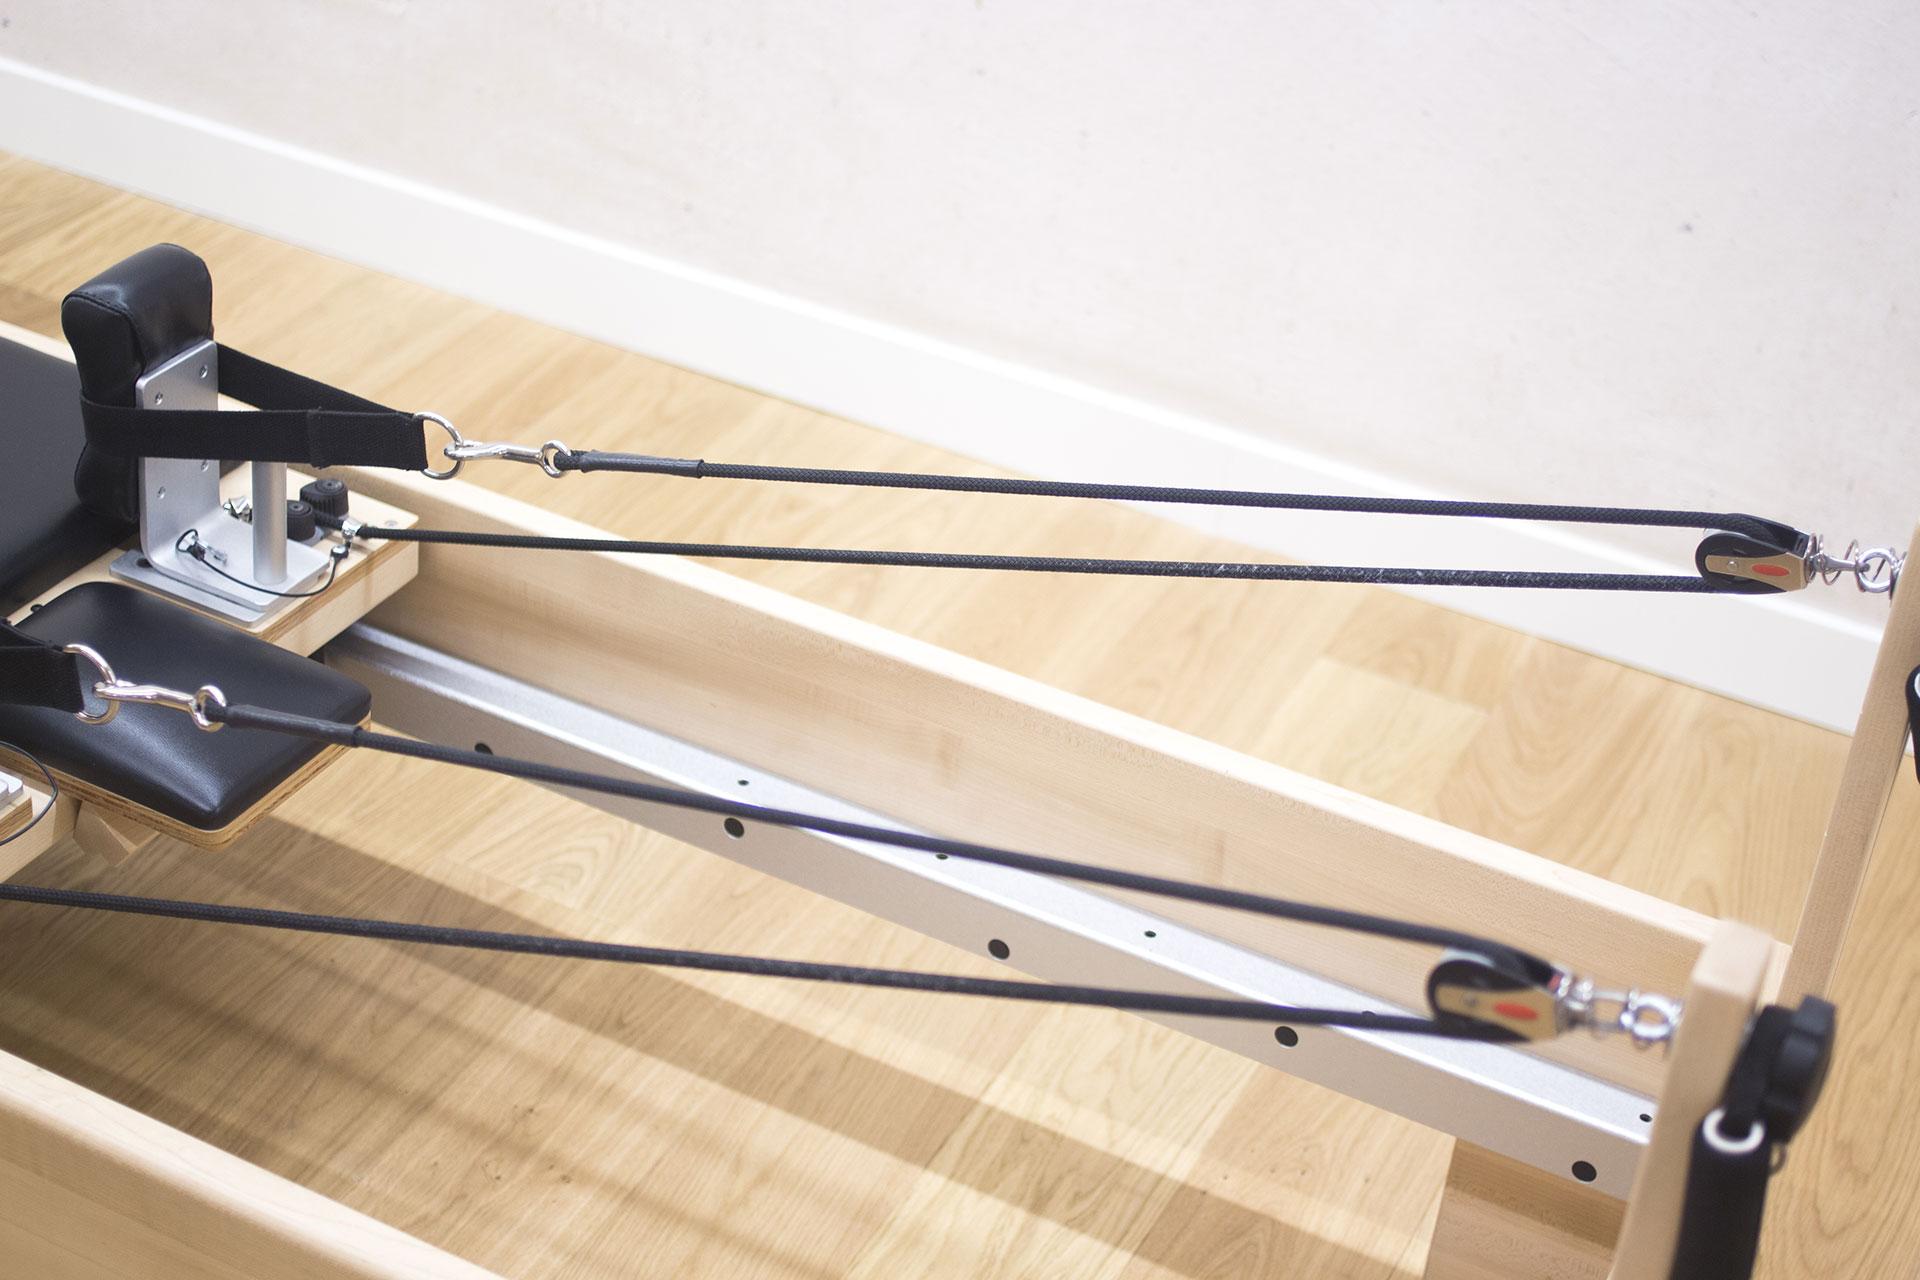 reformer-equipment.jpg